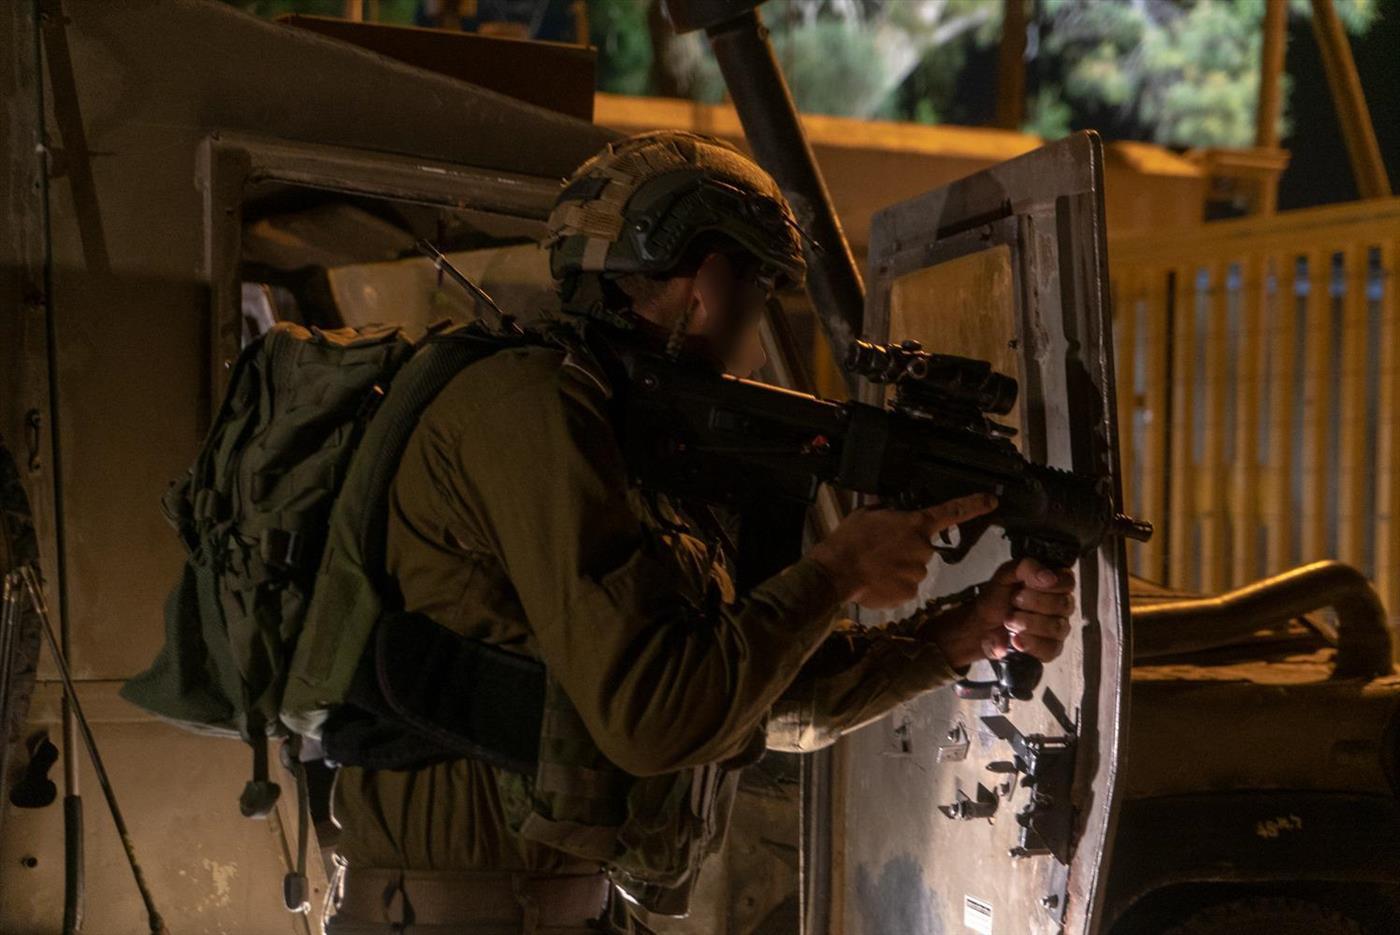 הרשות הפלסטינית צפצפה על חוק הטרור – ישראל ביטלה אותו